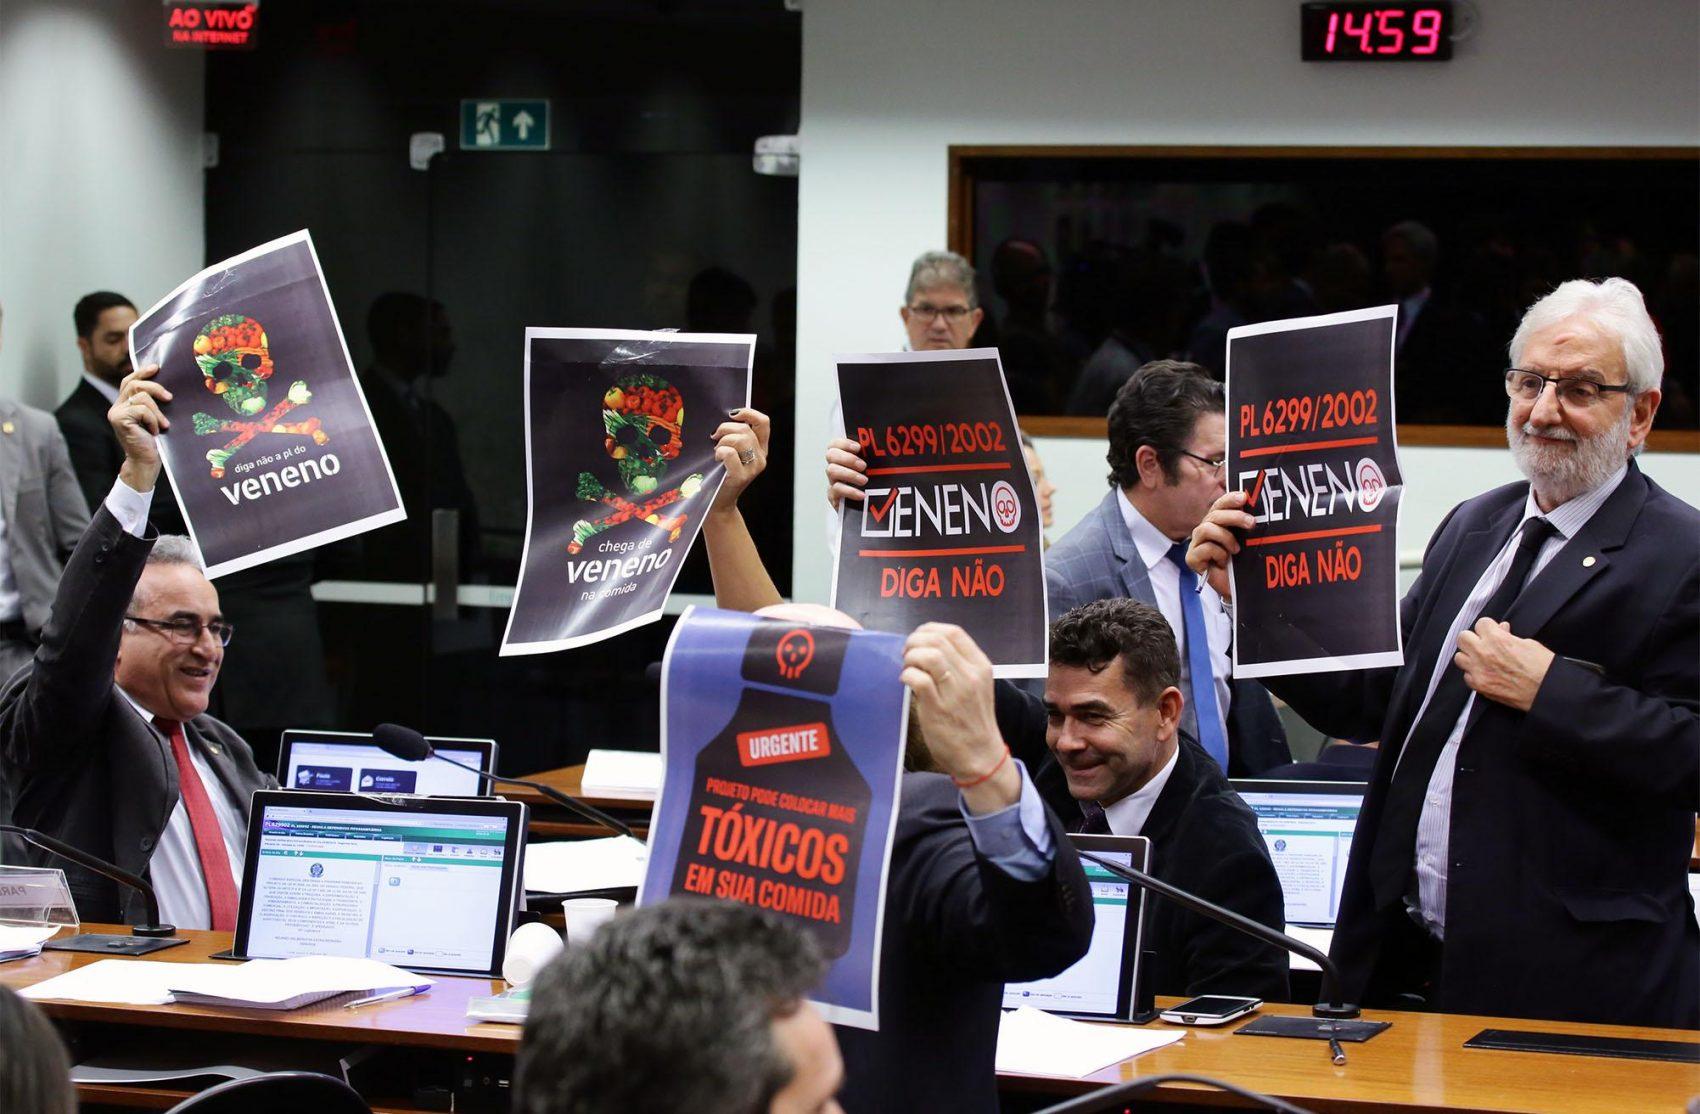 Em reunião da Comissão especial que aprovou o texto no dia 25 de junho, os parlamentares contrários à proposta se manifestaram com cartazes